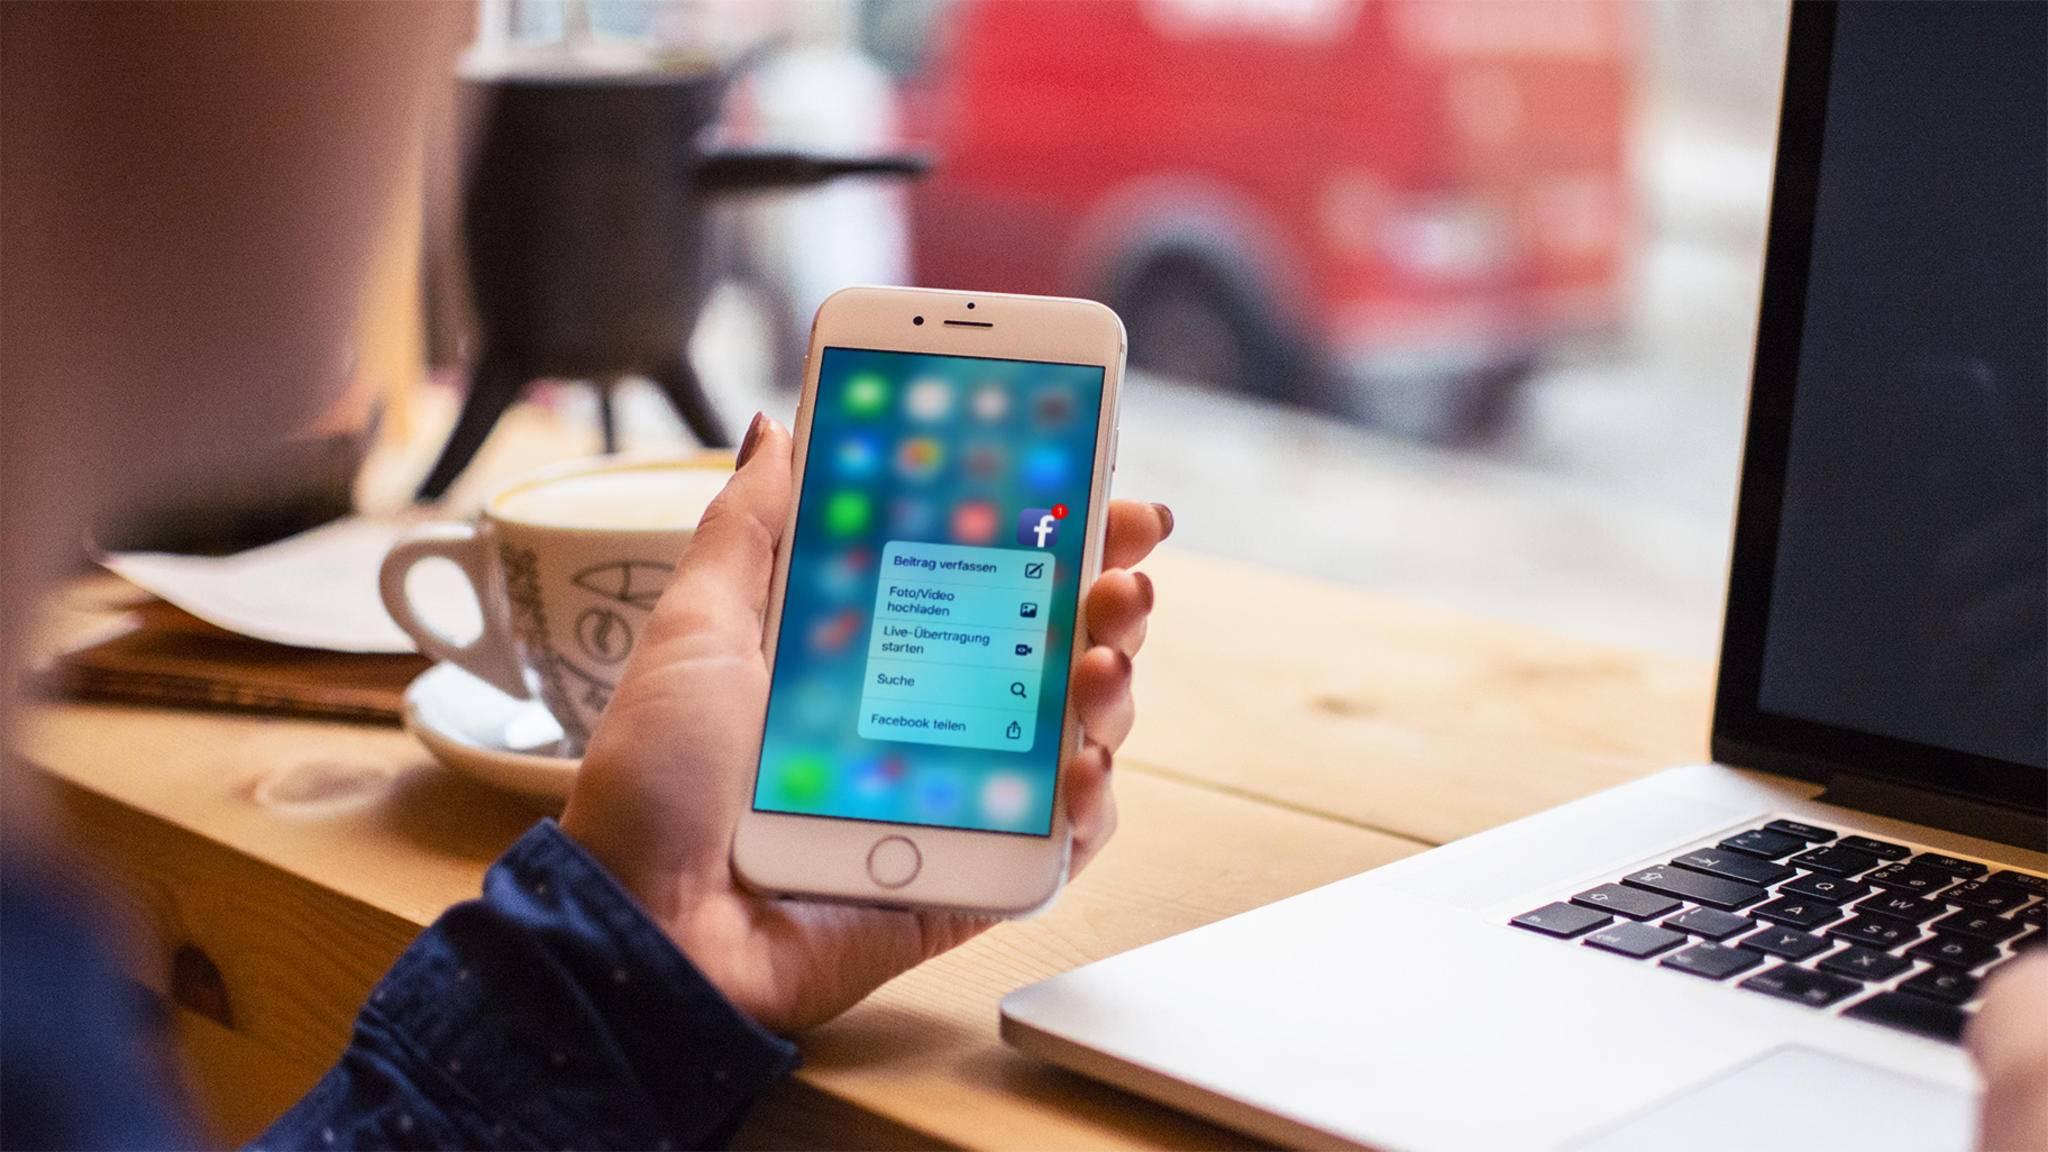 3D Touch nutzt das druckempfindliche Display neuerer iPhones.